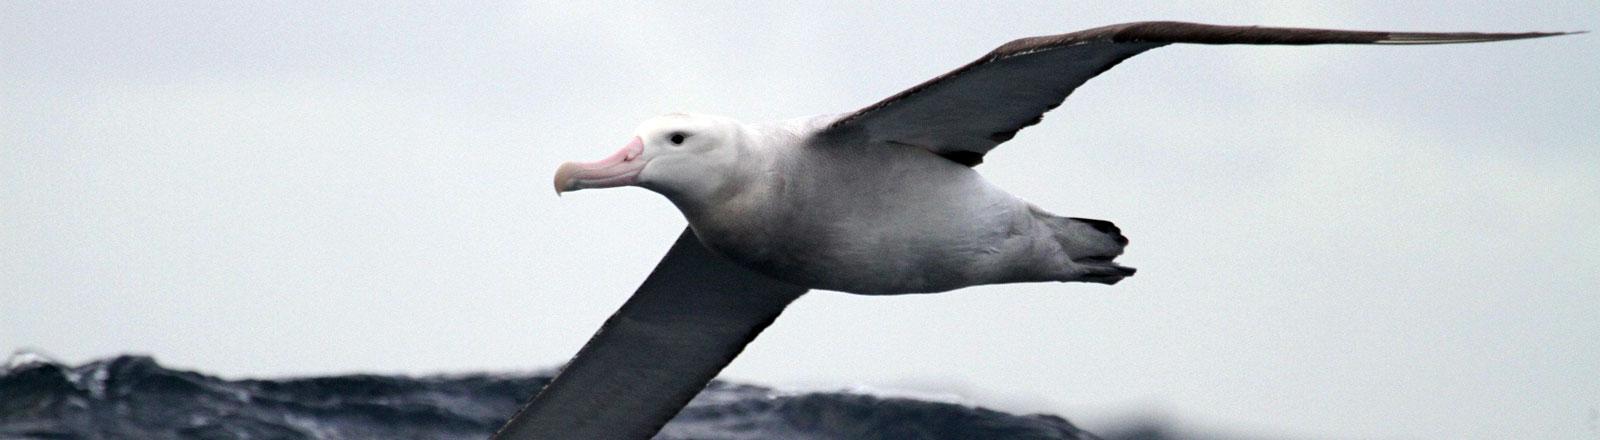 Wanderalbatrosse sind die größten flugfähigen Vögel und sehr treu.